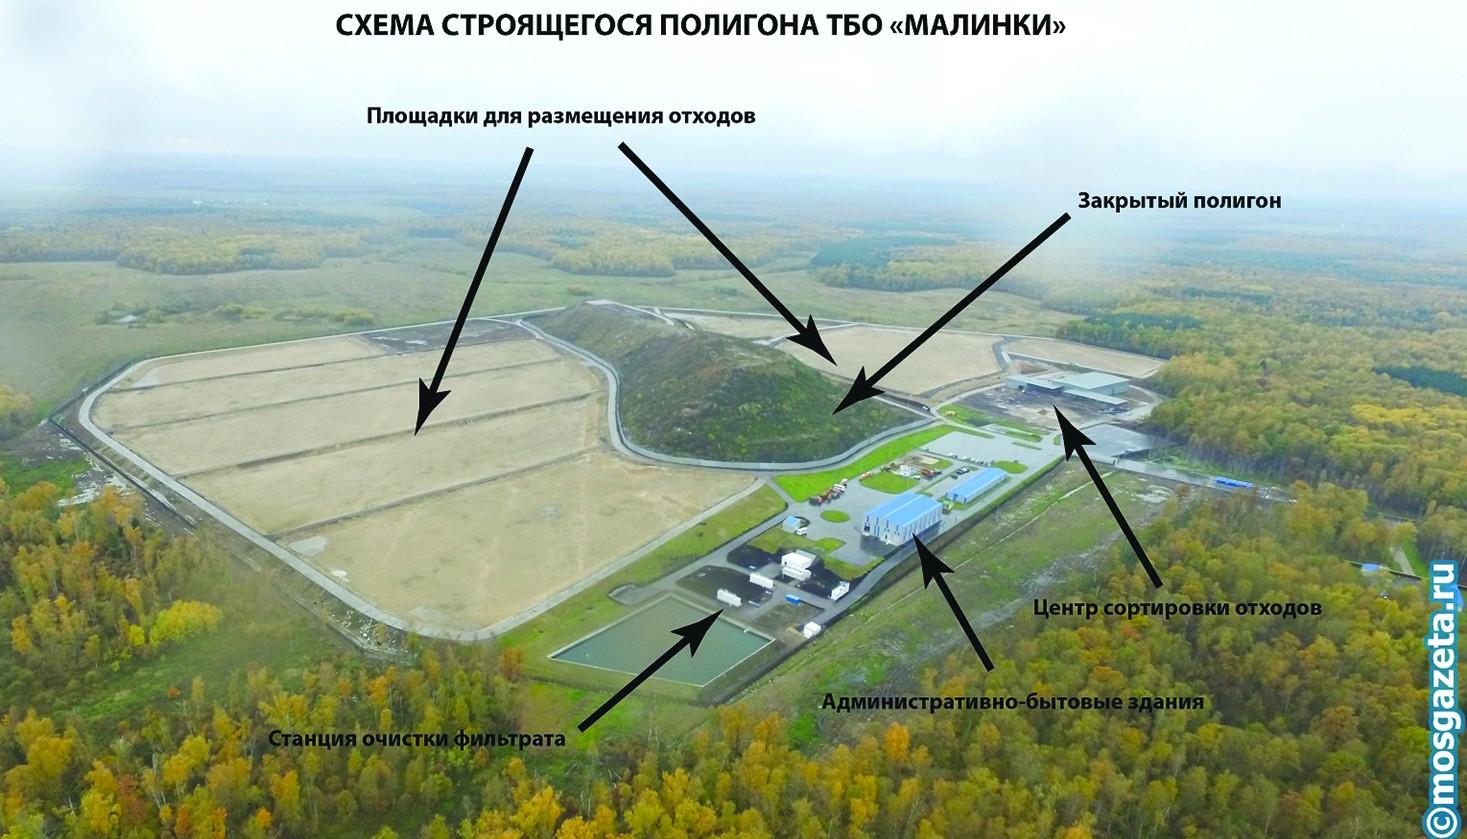 «Малинки» и московский мусор